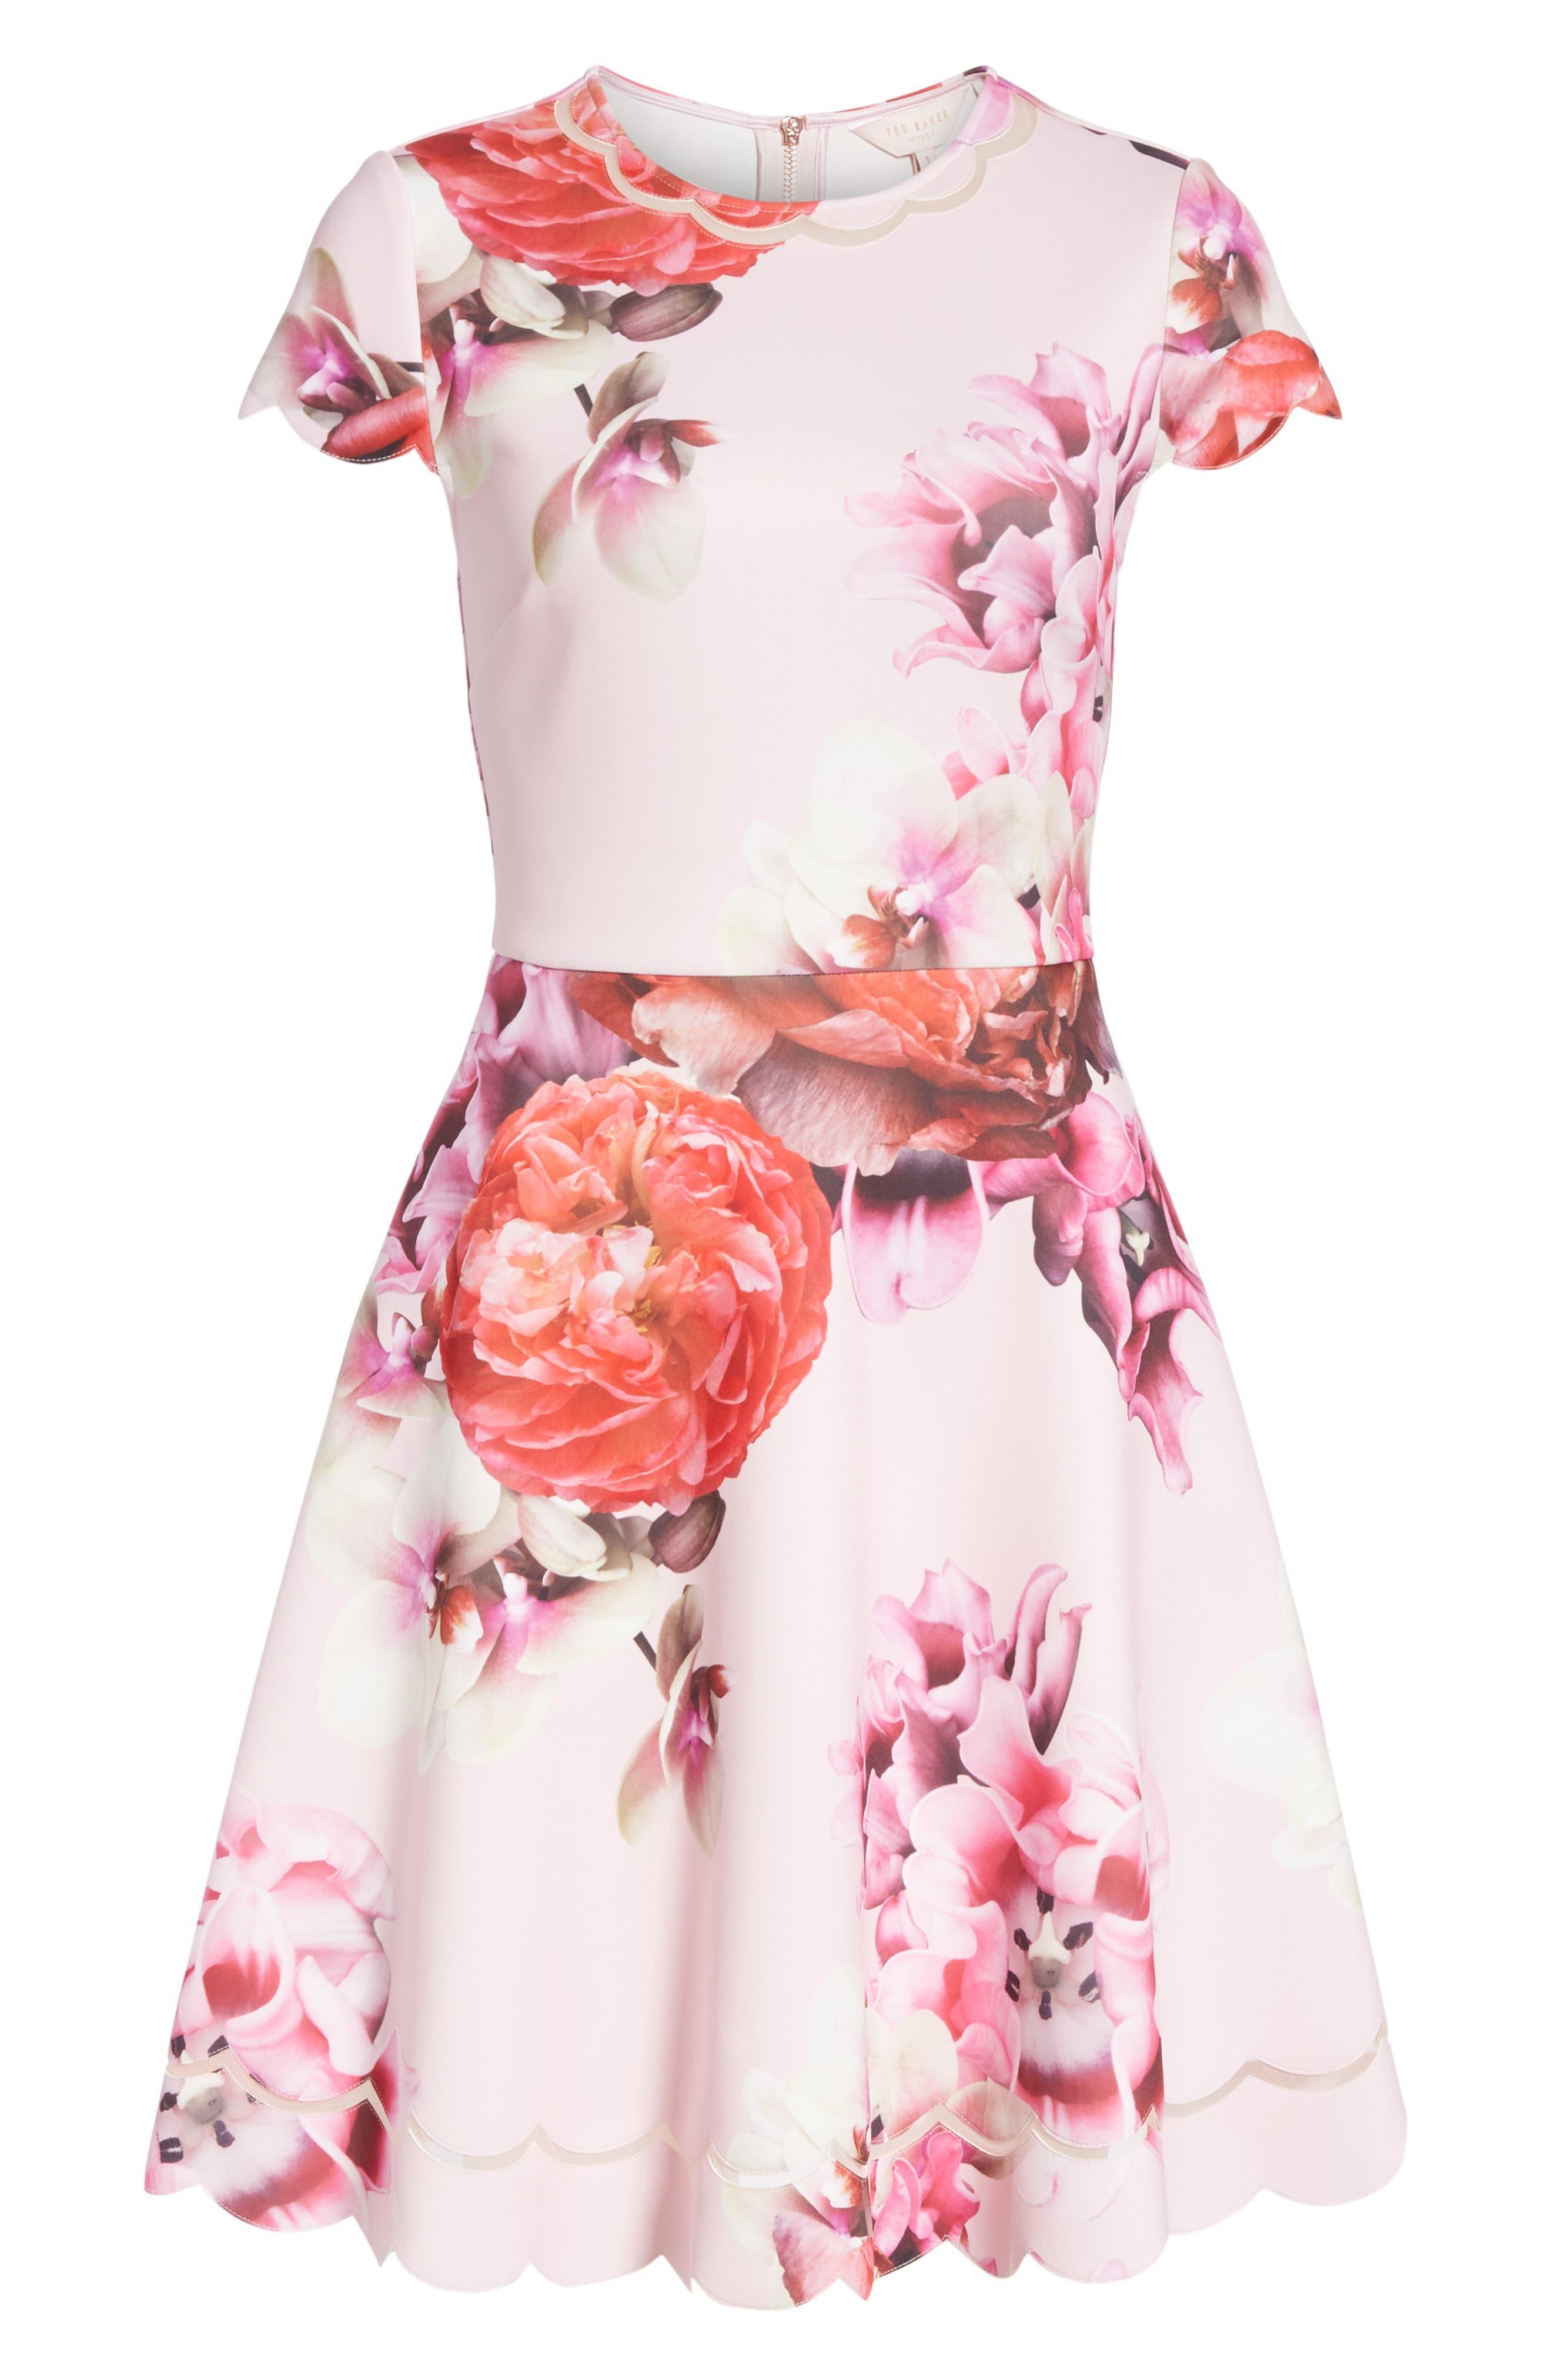 Seeana Splendour Skater Dress,                             Alternate thumbnail 6, color,                             683